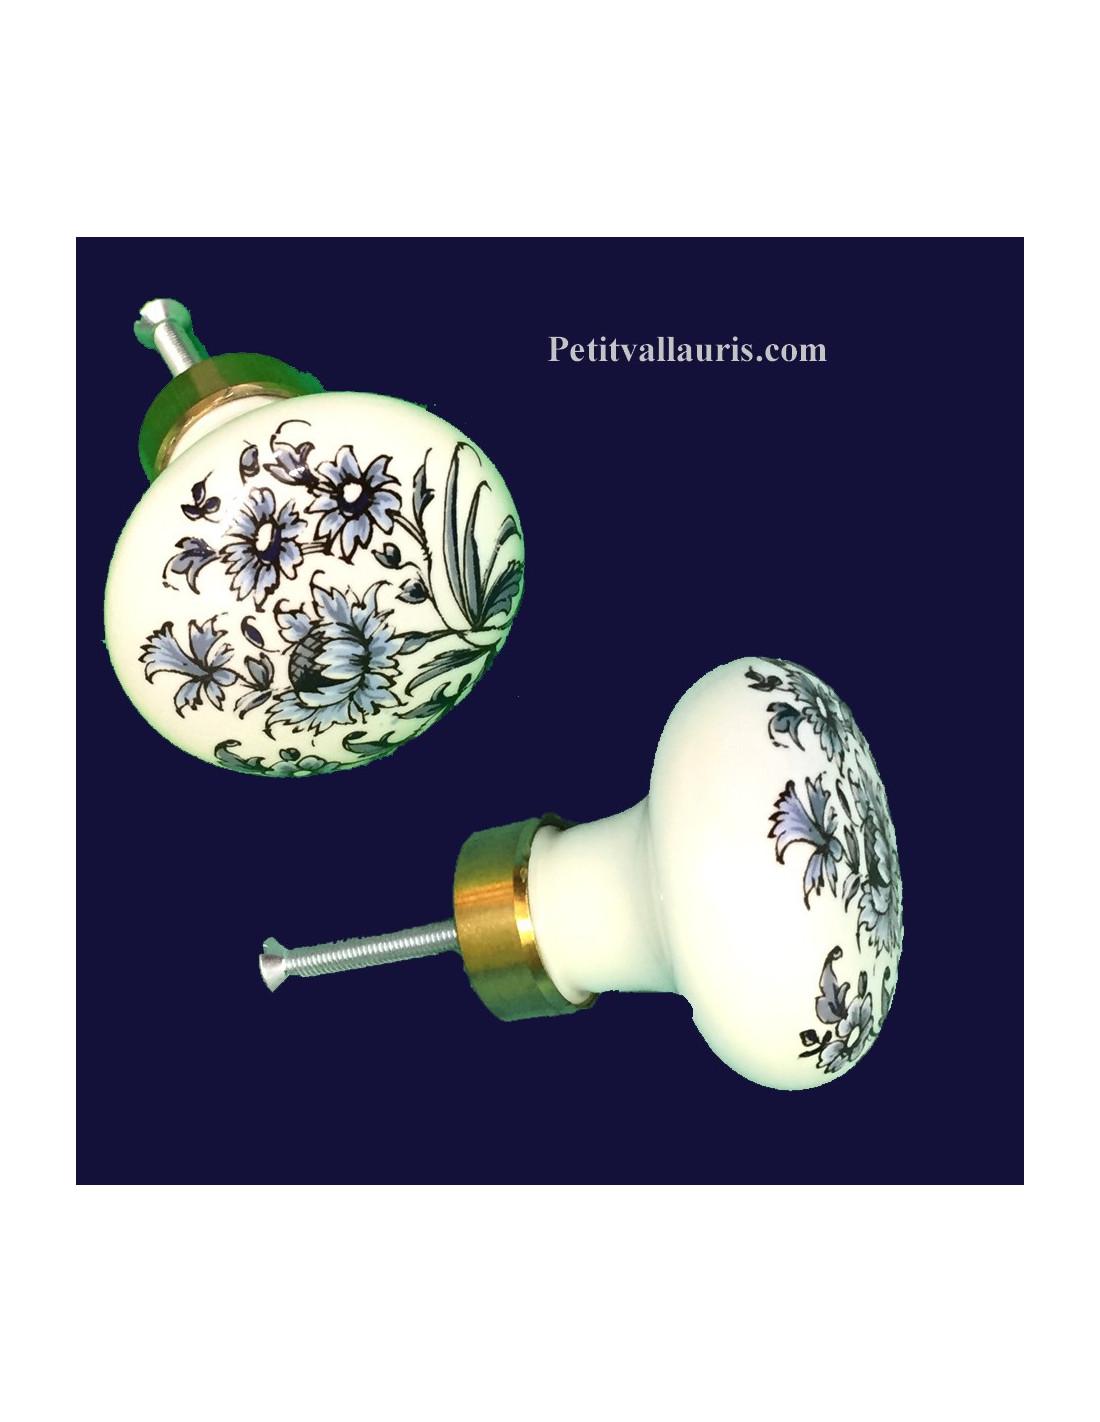 bouton de placard d cor tradition vieux moustiers bleu diam tre 50 mm le petit vallauris. Black Bedroom Furniture Sets. Home Design Ideas